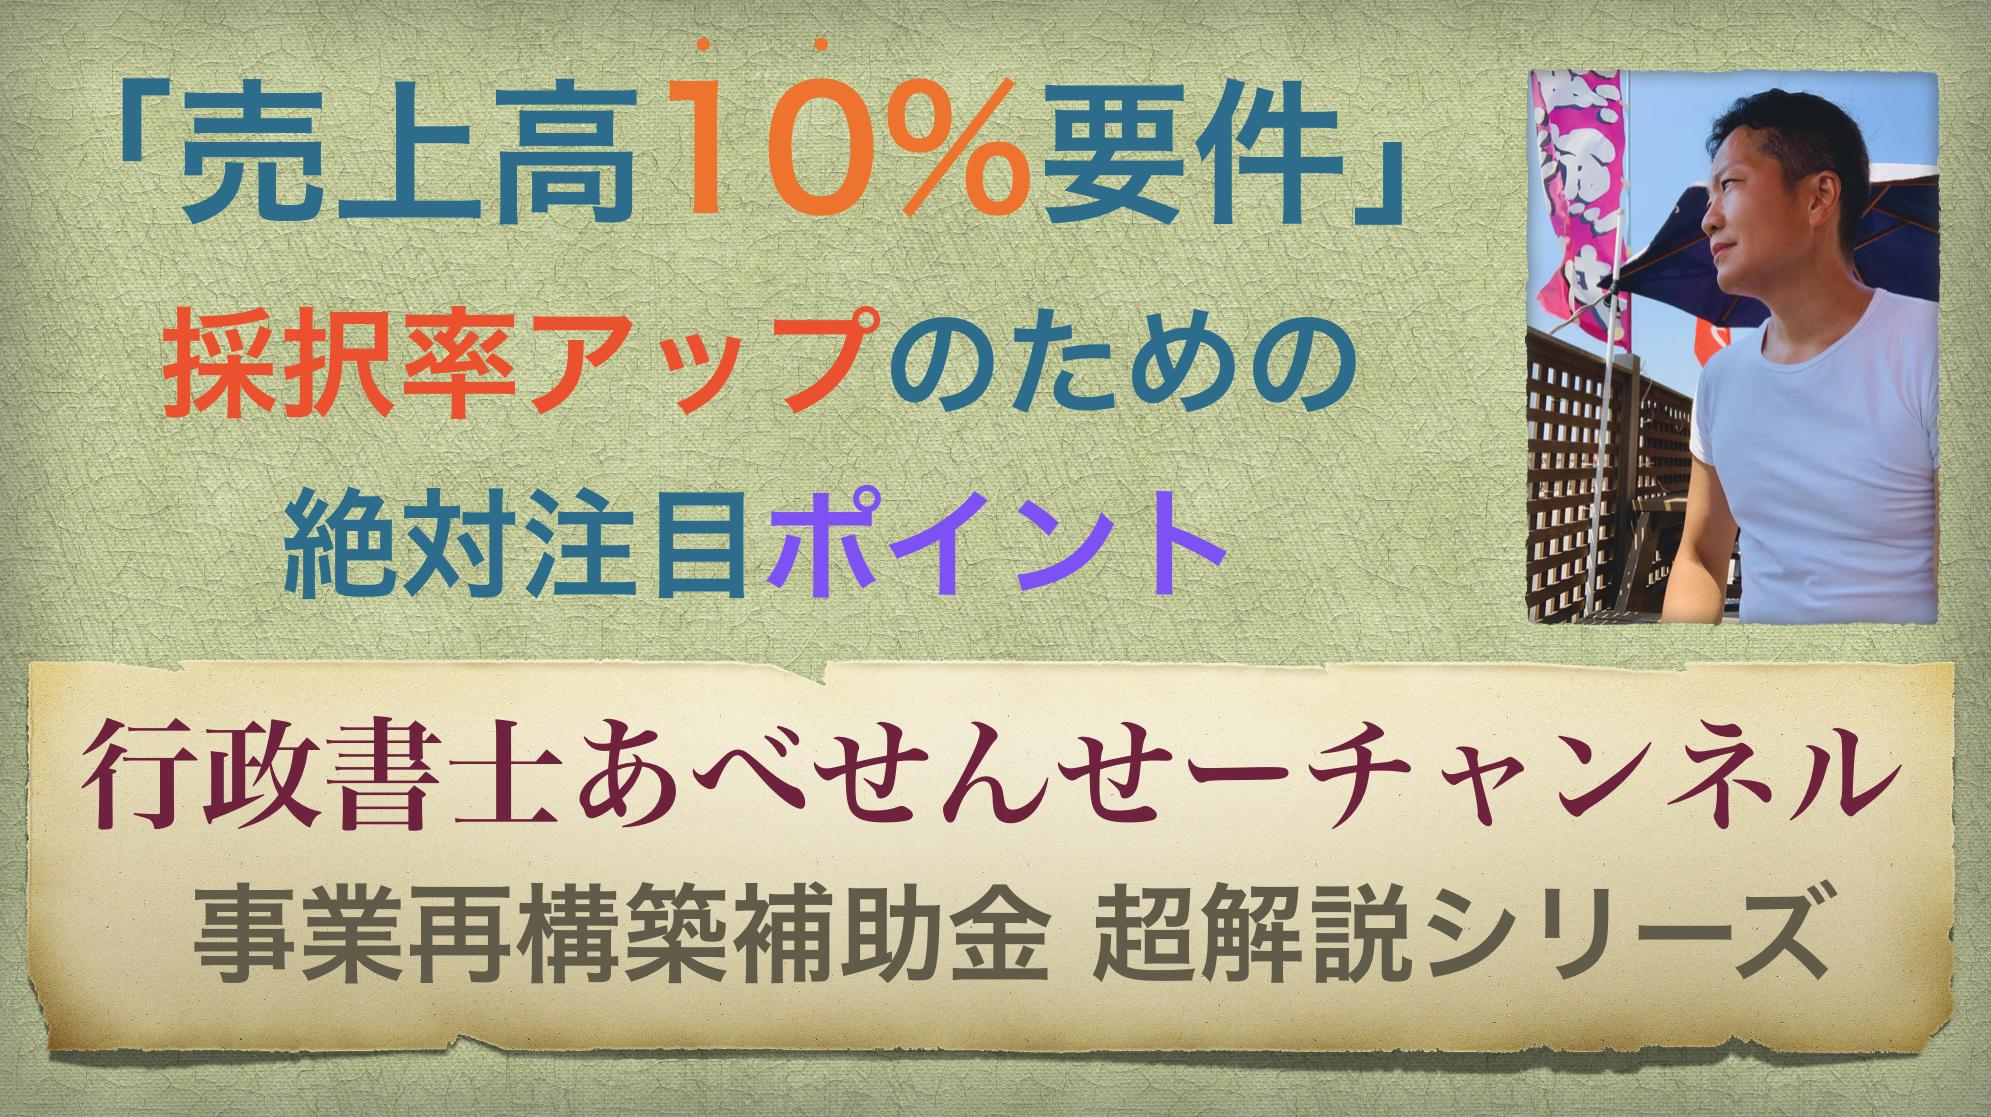 【事業再構築補助金】事業再構築計画で定める「売上高10%要件」で採択率をアップさせるポイント解説|行政書士阿部総合事務所